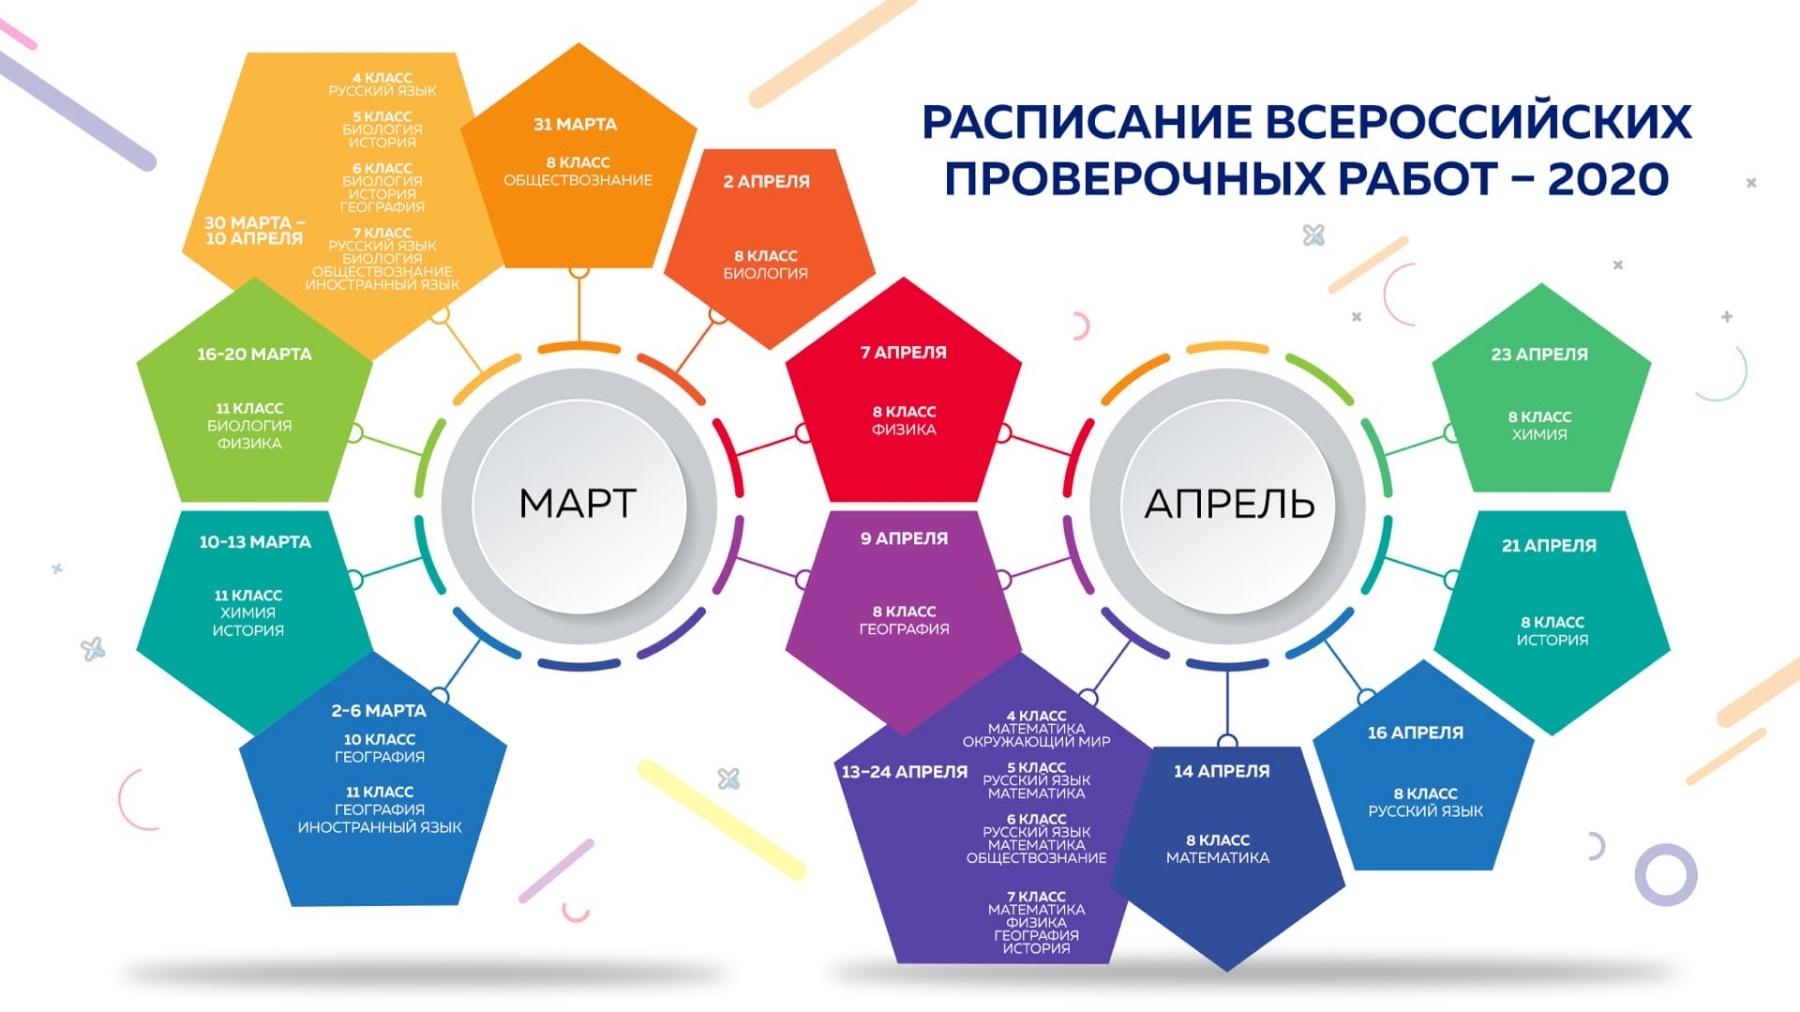 Расписание ВПР - 2020